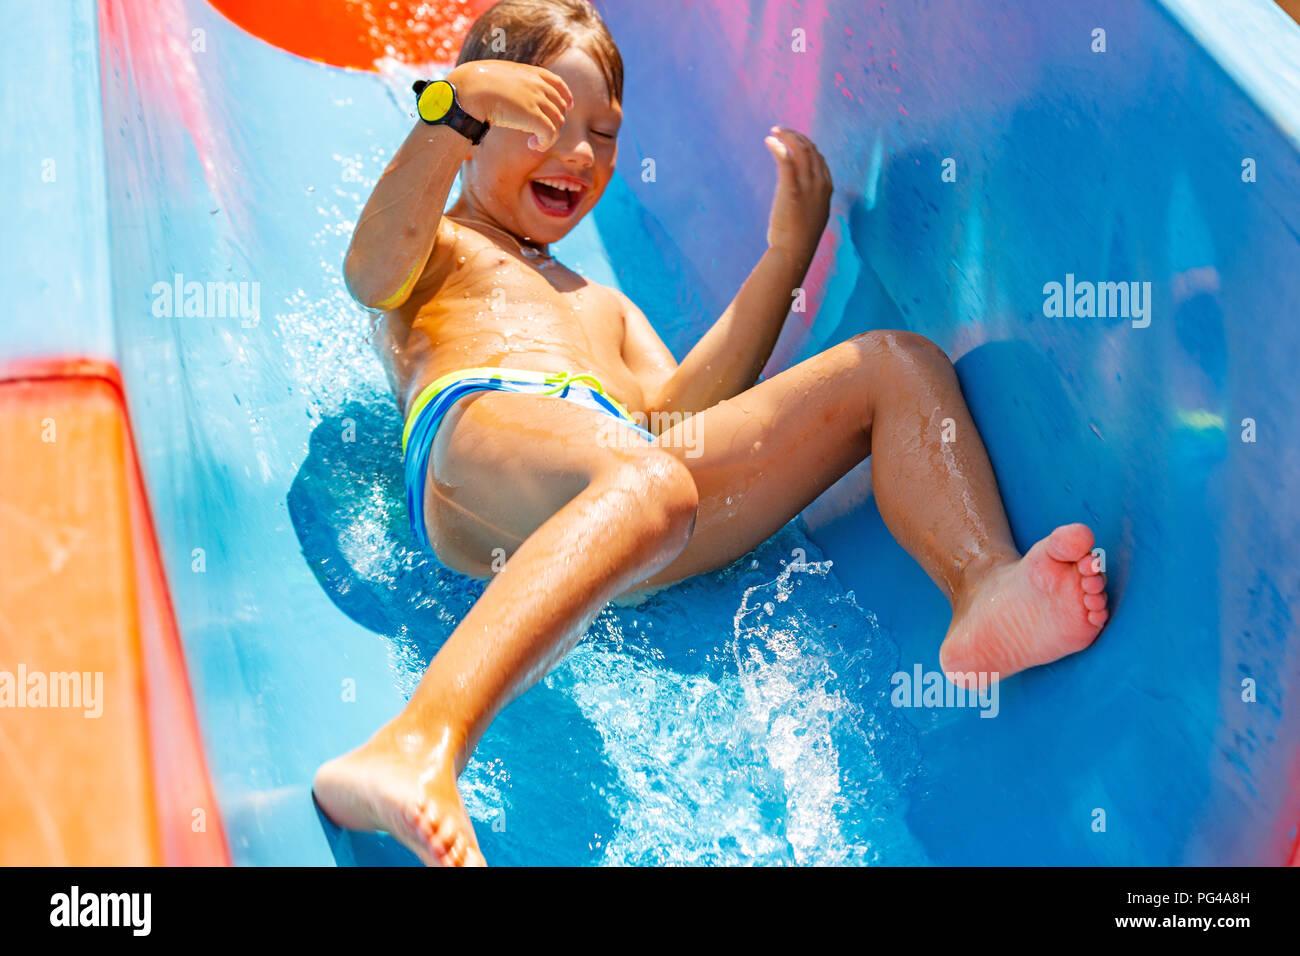 Un garçon heureux sur l'eau glisser dans une piscine s'amusant pendant les vacances d'été dans un magnifique parc aquatique. Un garçon glisser en bas de la glissoire d'eau et de faire des éclaboussures. Photo Stock